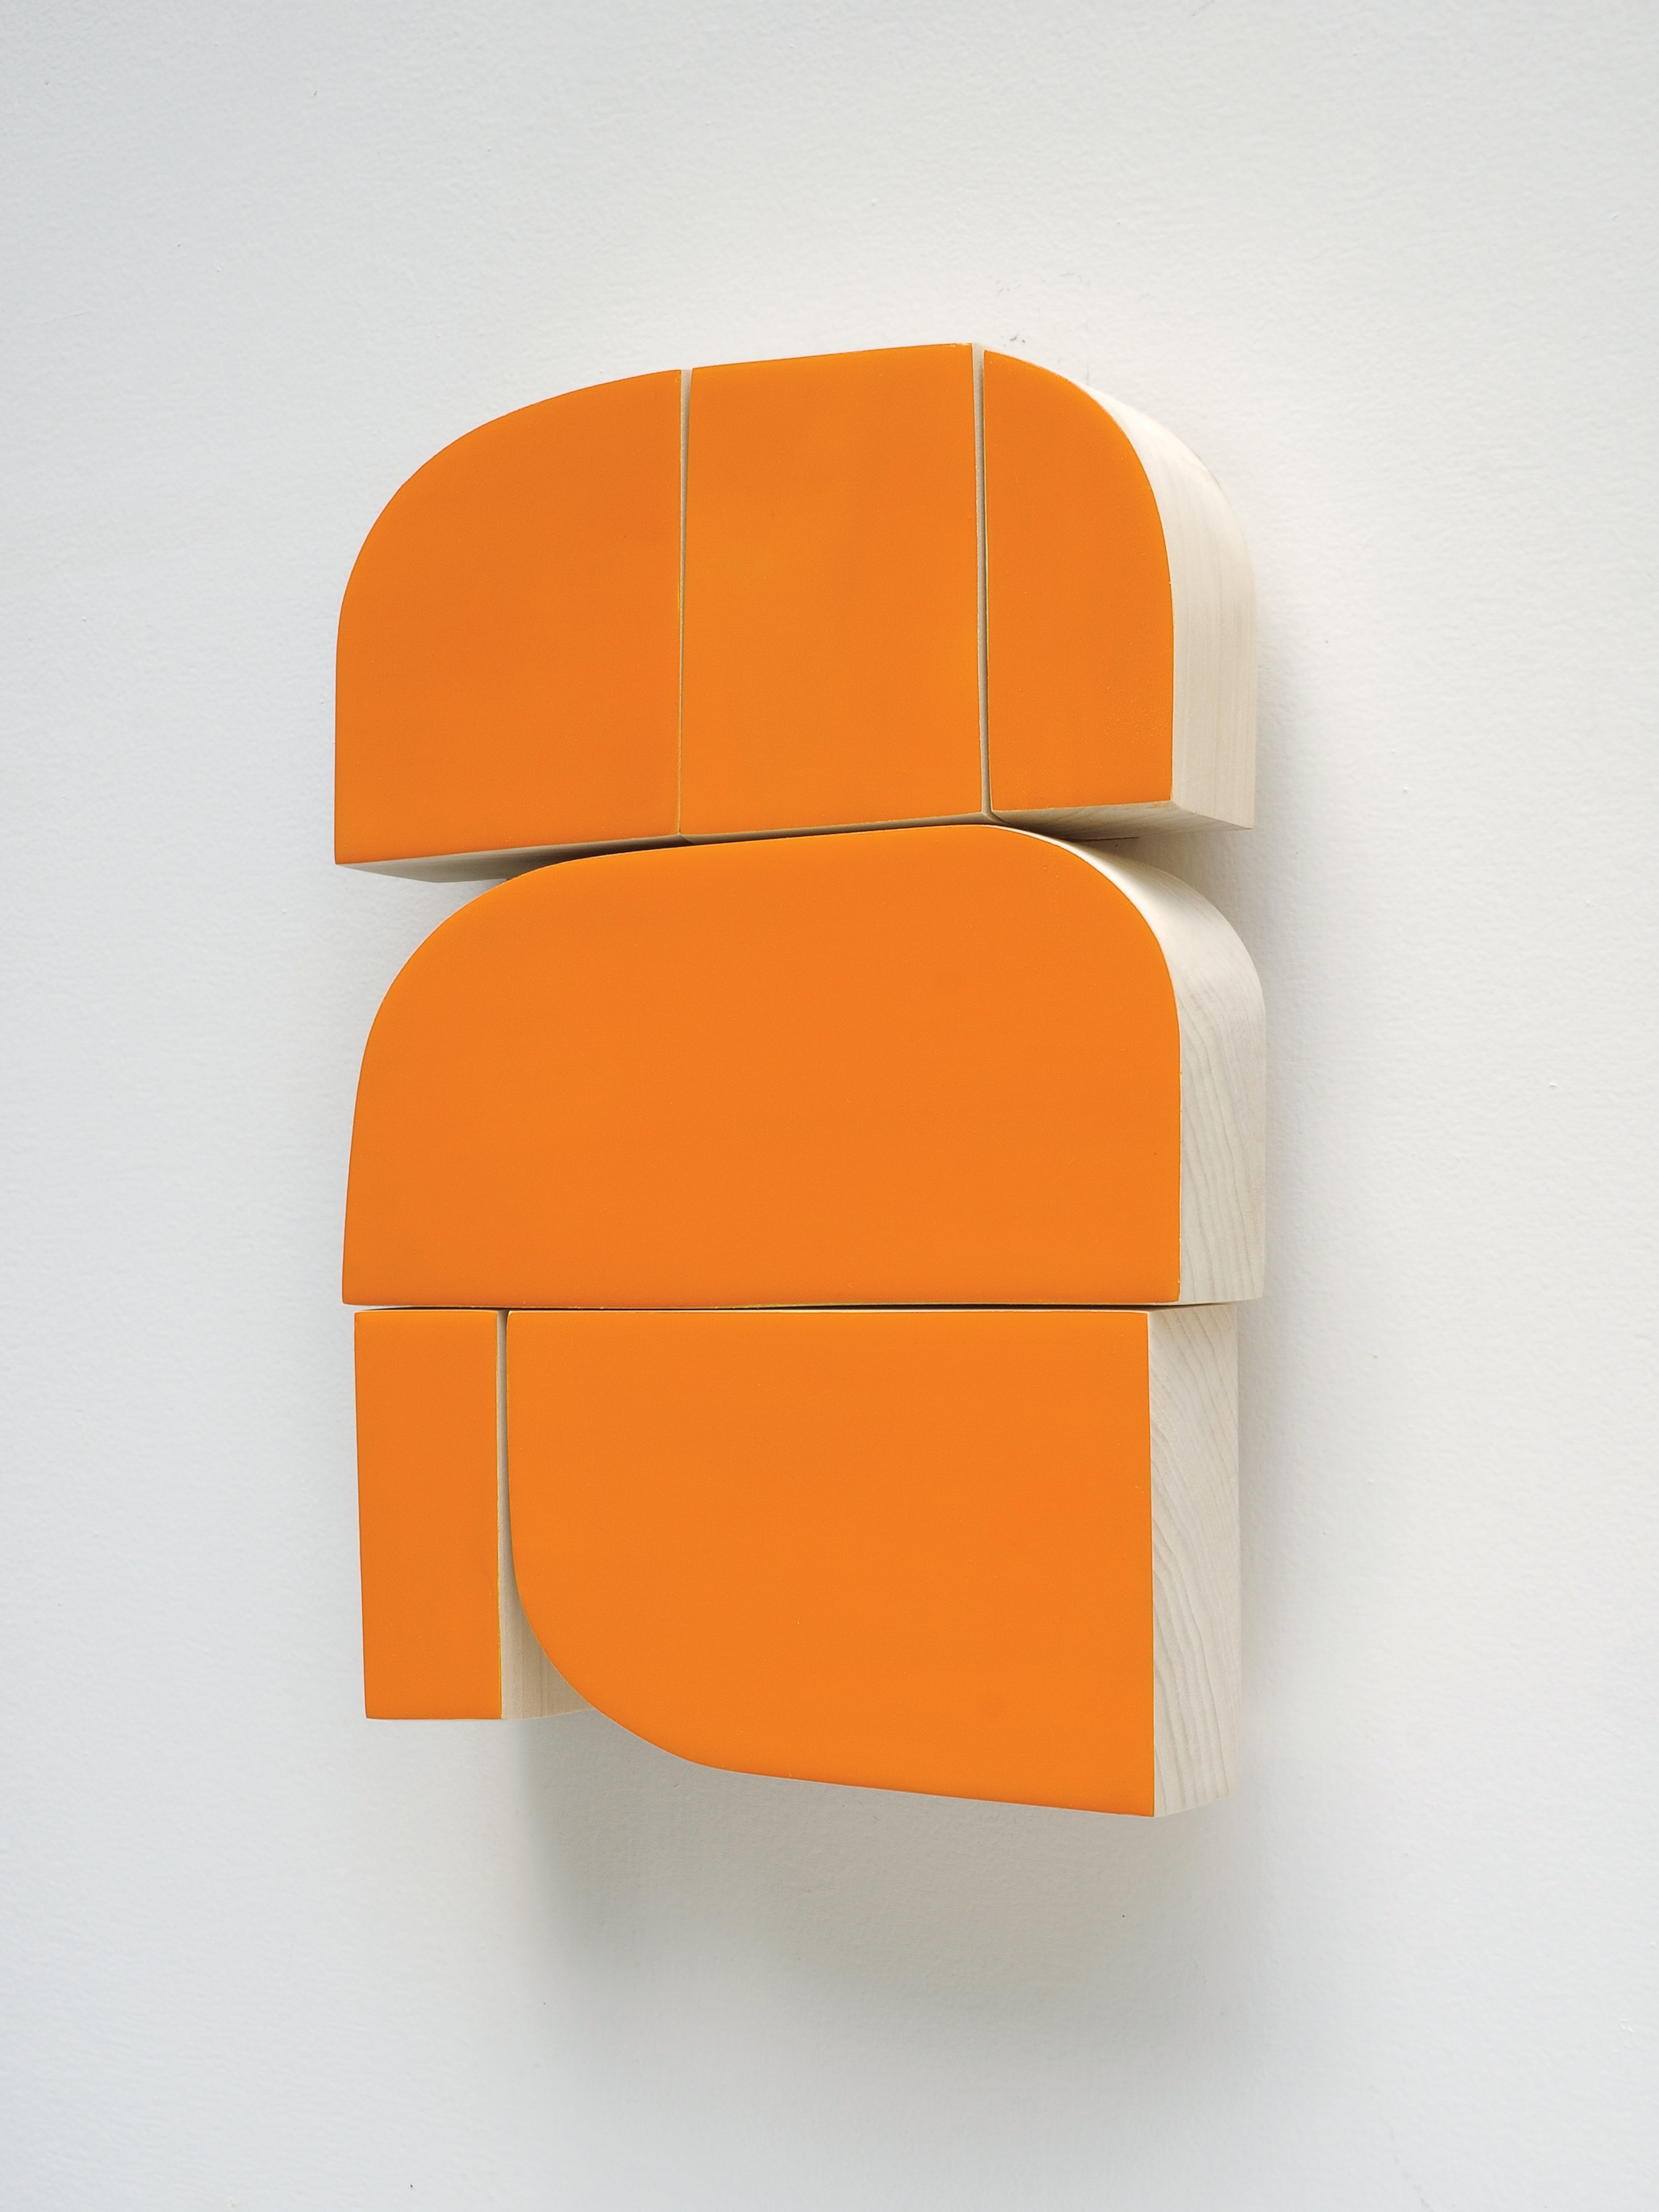 zimmerman2017-orangeZest.jpg